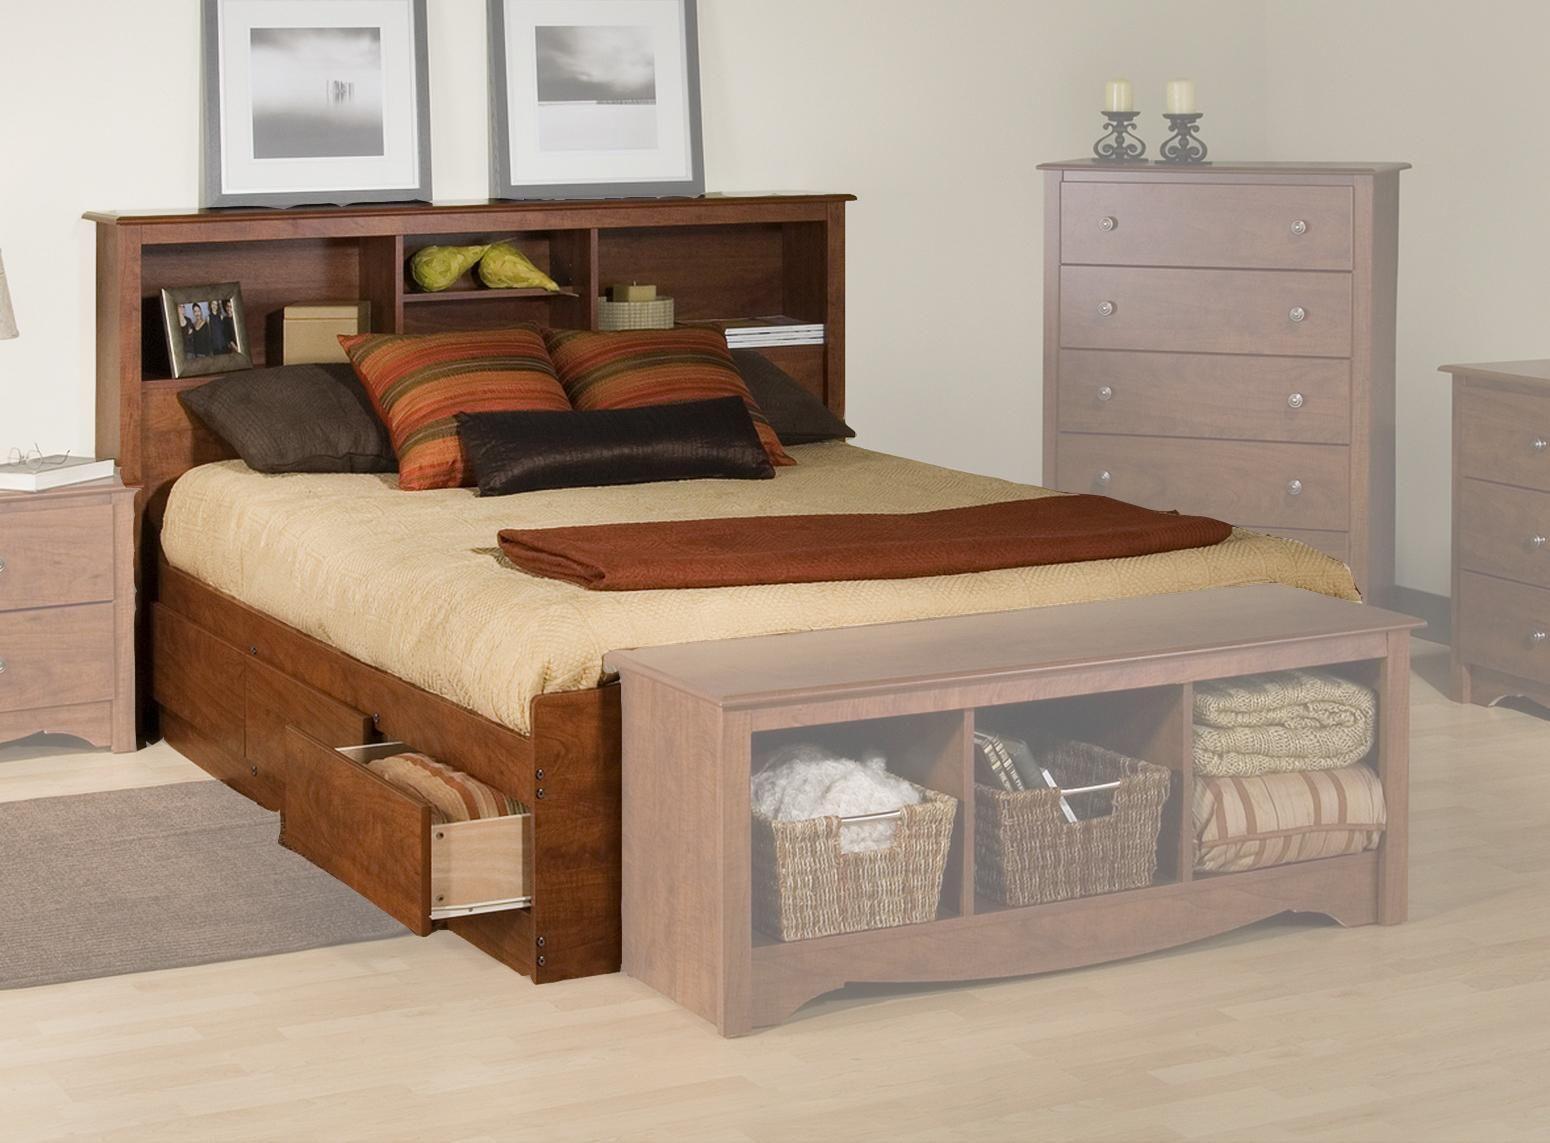 Remarkable bedroom design with wooden floor also rustic wood